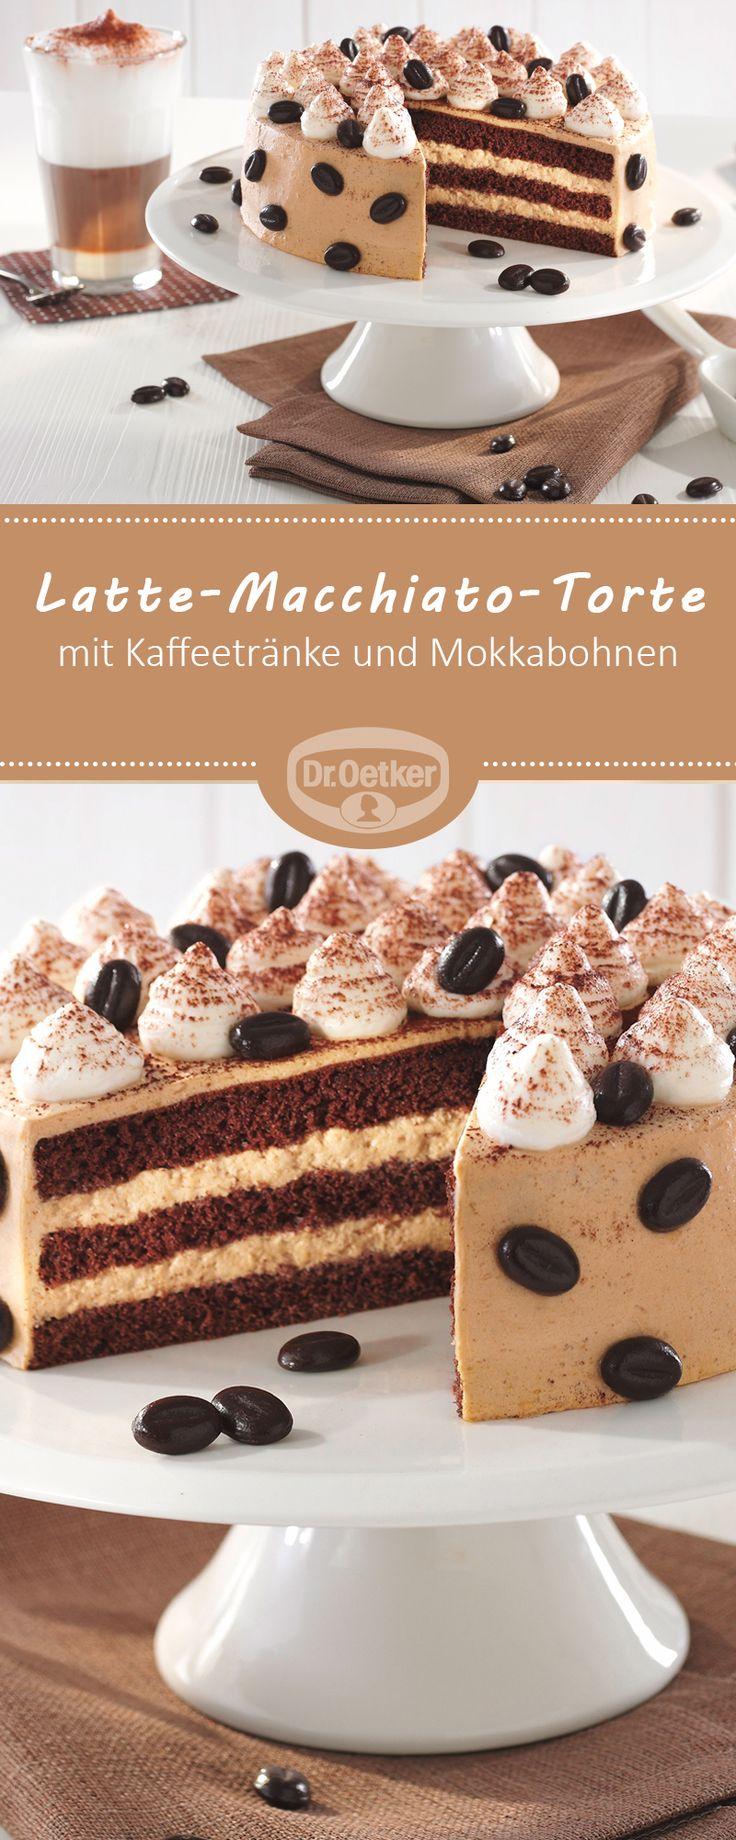 Kleine Latte-Macchiato-Torte - Sahnetorte mit Kaffeetränke und Mokkabohnen zur Kaffeezeit #rezept #torte #coffee